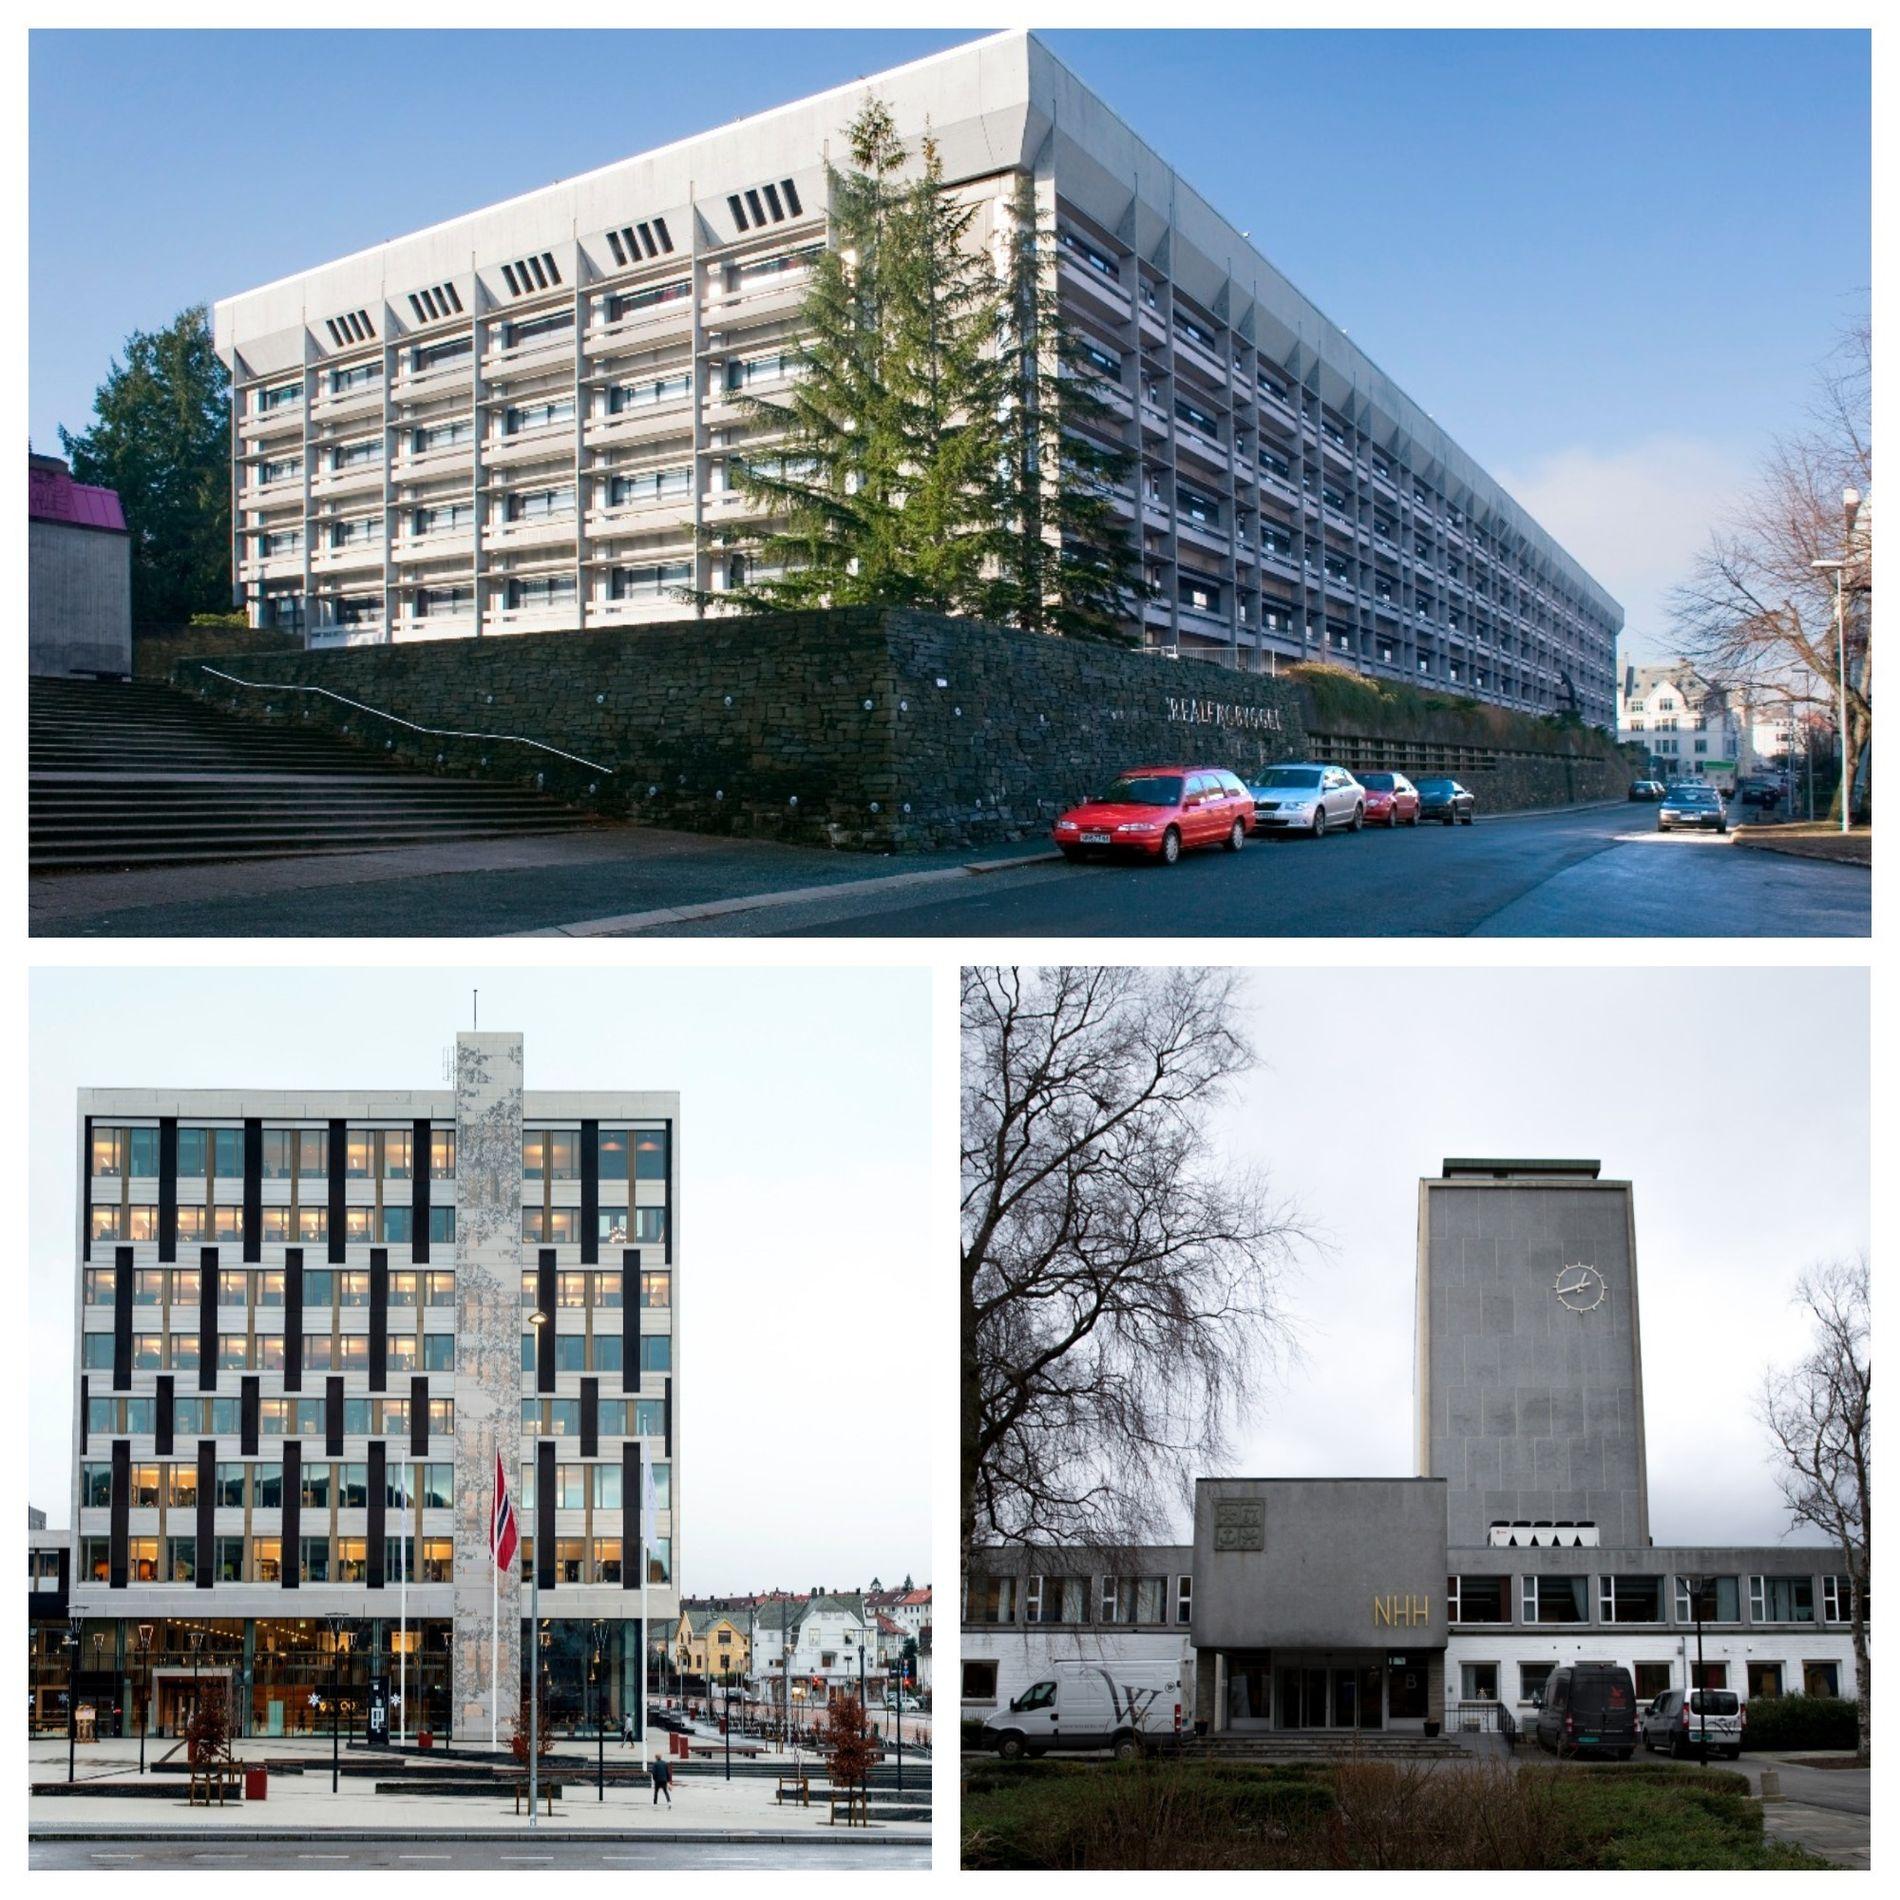 «DETTE KAN VI»: Istedenfor at Bergen taper på dette viktige området i forhold til Oslo og Trondheim, vil vi med IT-universitetet markere at dette kan vi. Og alle miljøene må med: Universitetet i Bergen, Høgskolen på Vestlandet og NHH, skriver innsender.